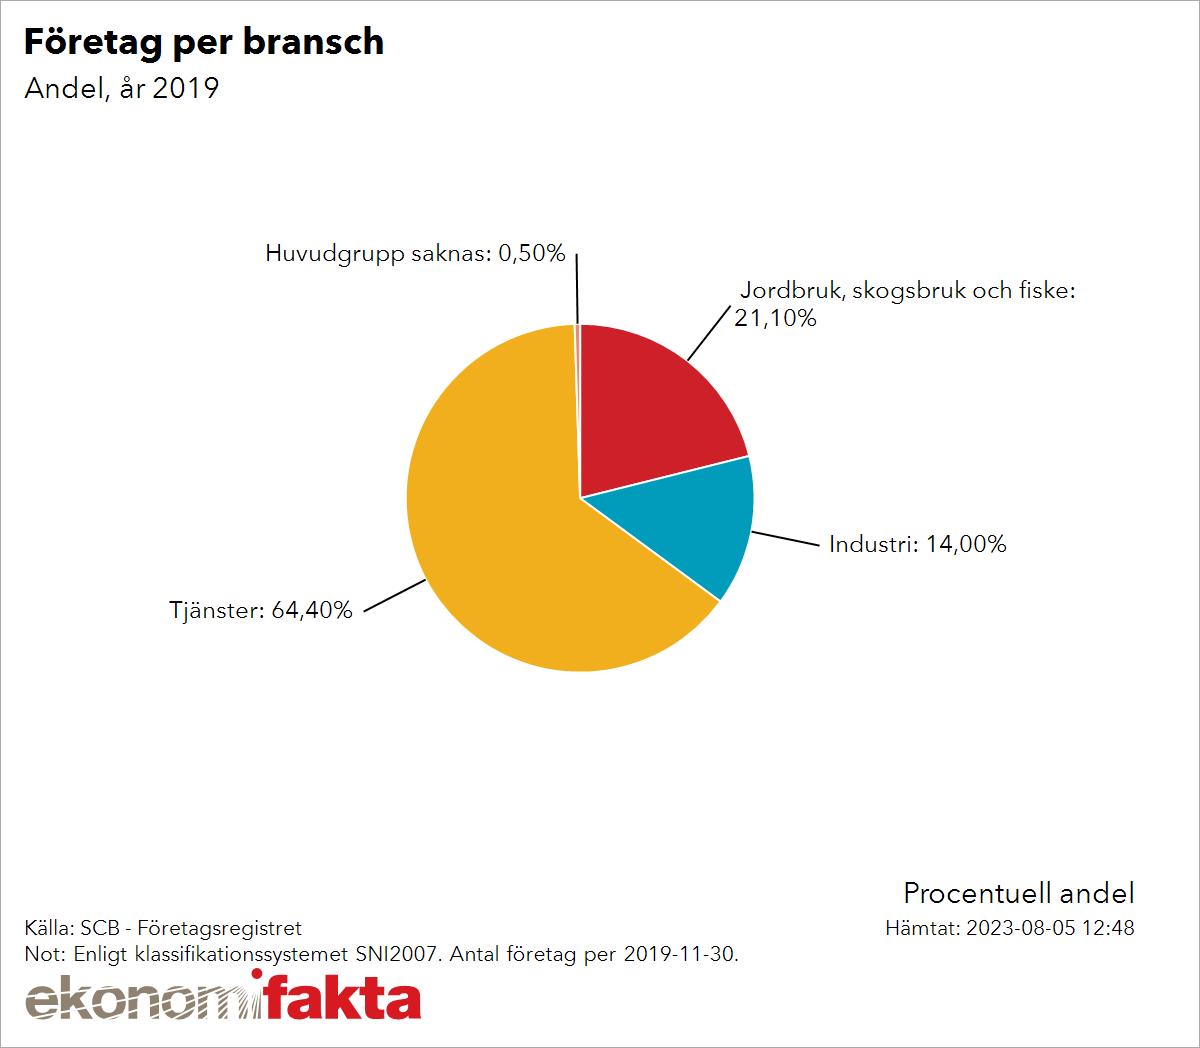 antal företag i sverige